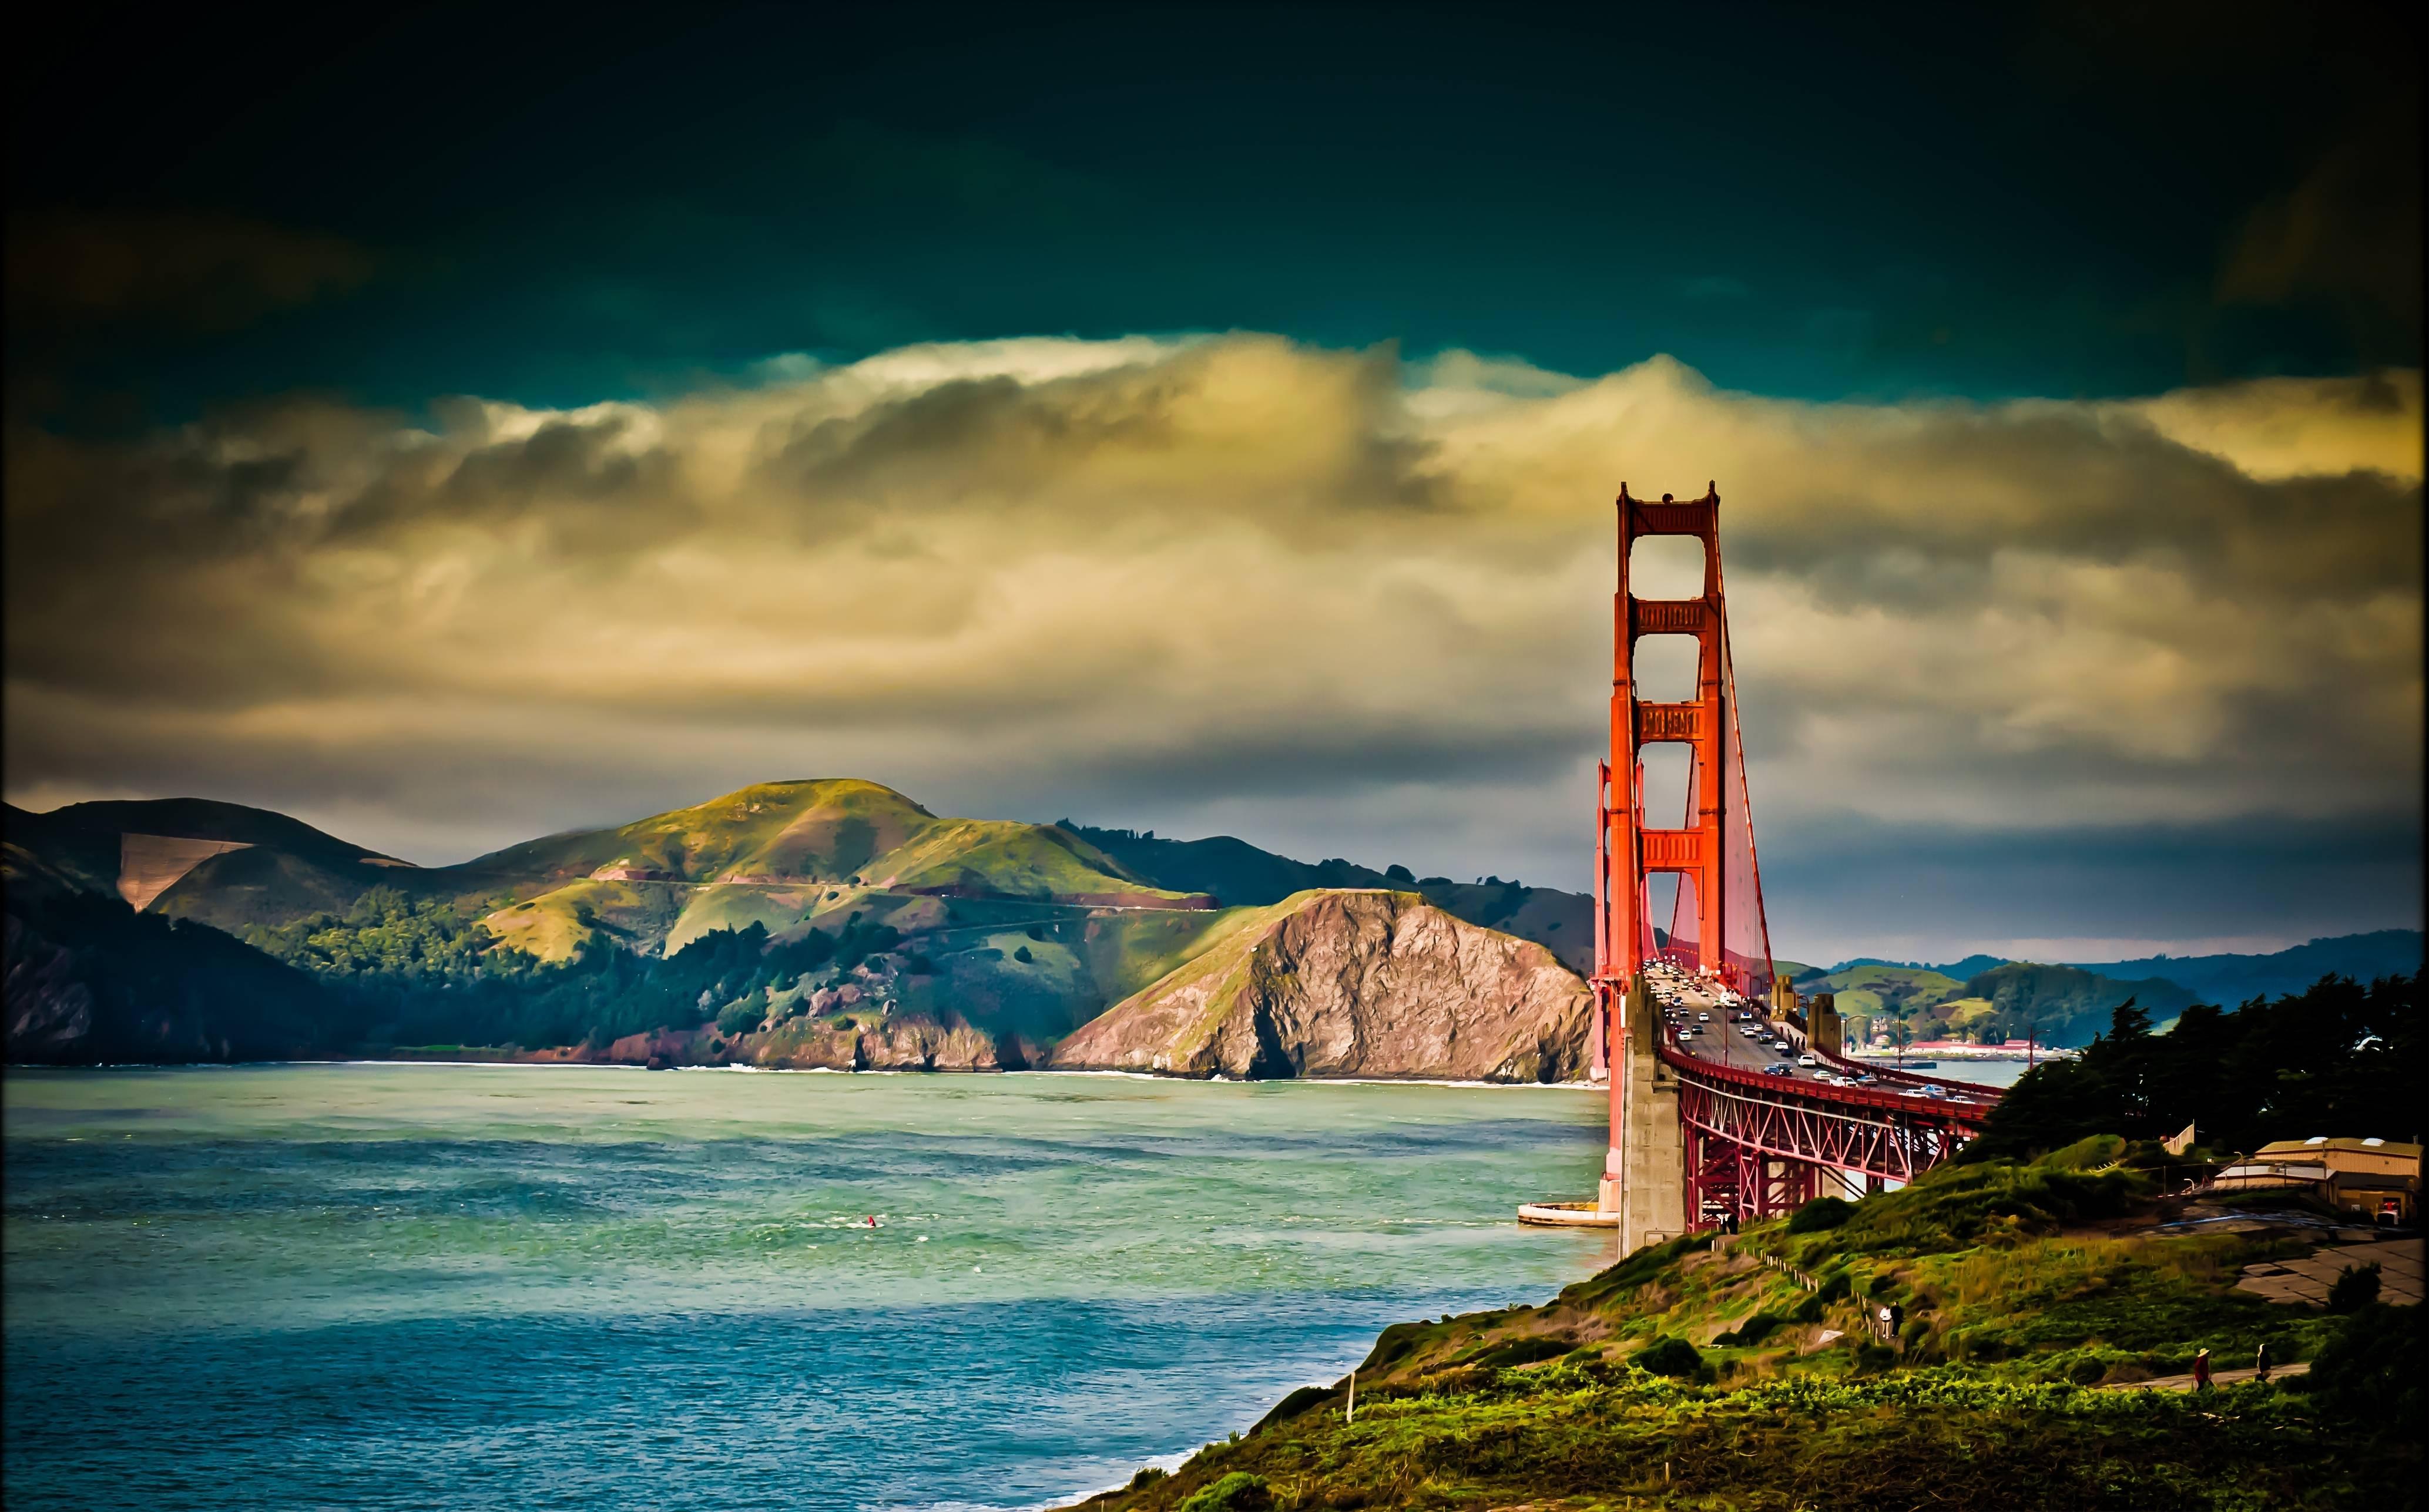 San Francisco Wallpapers Hd Wallpaper Cave